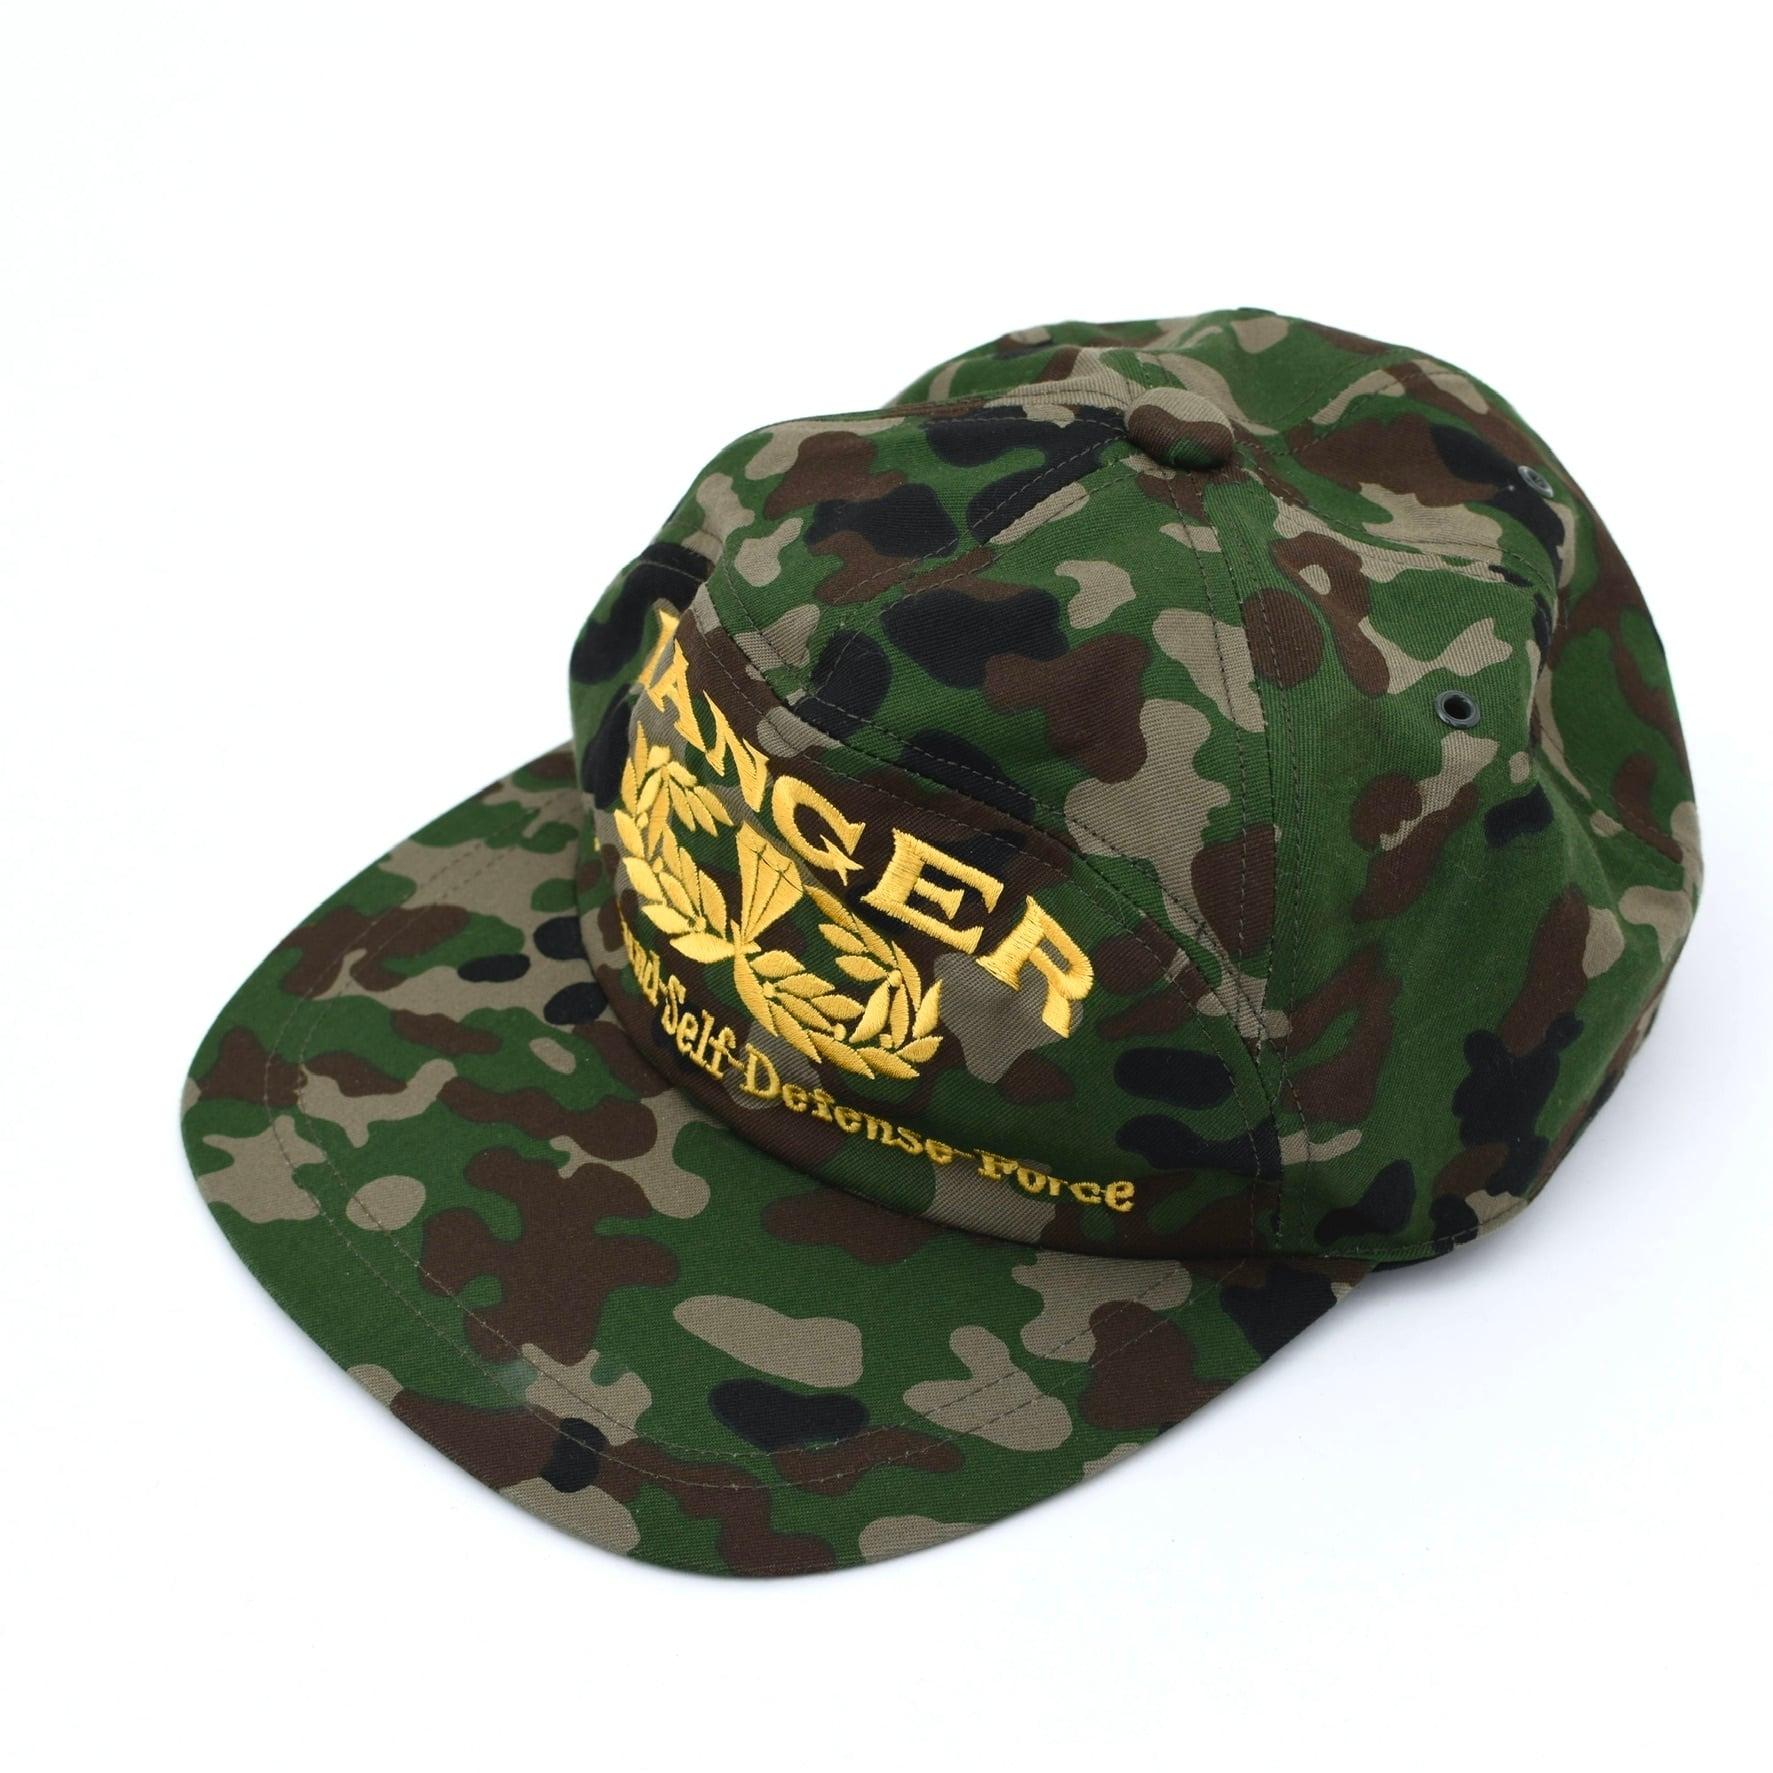 JGSDF RANGER camouflage cap